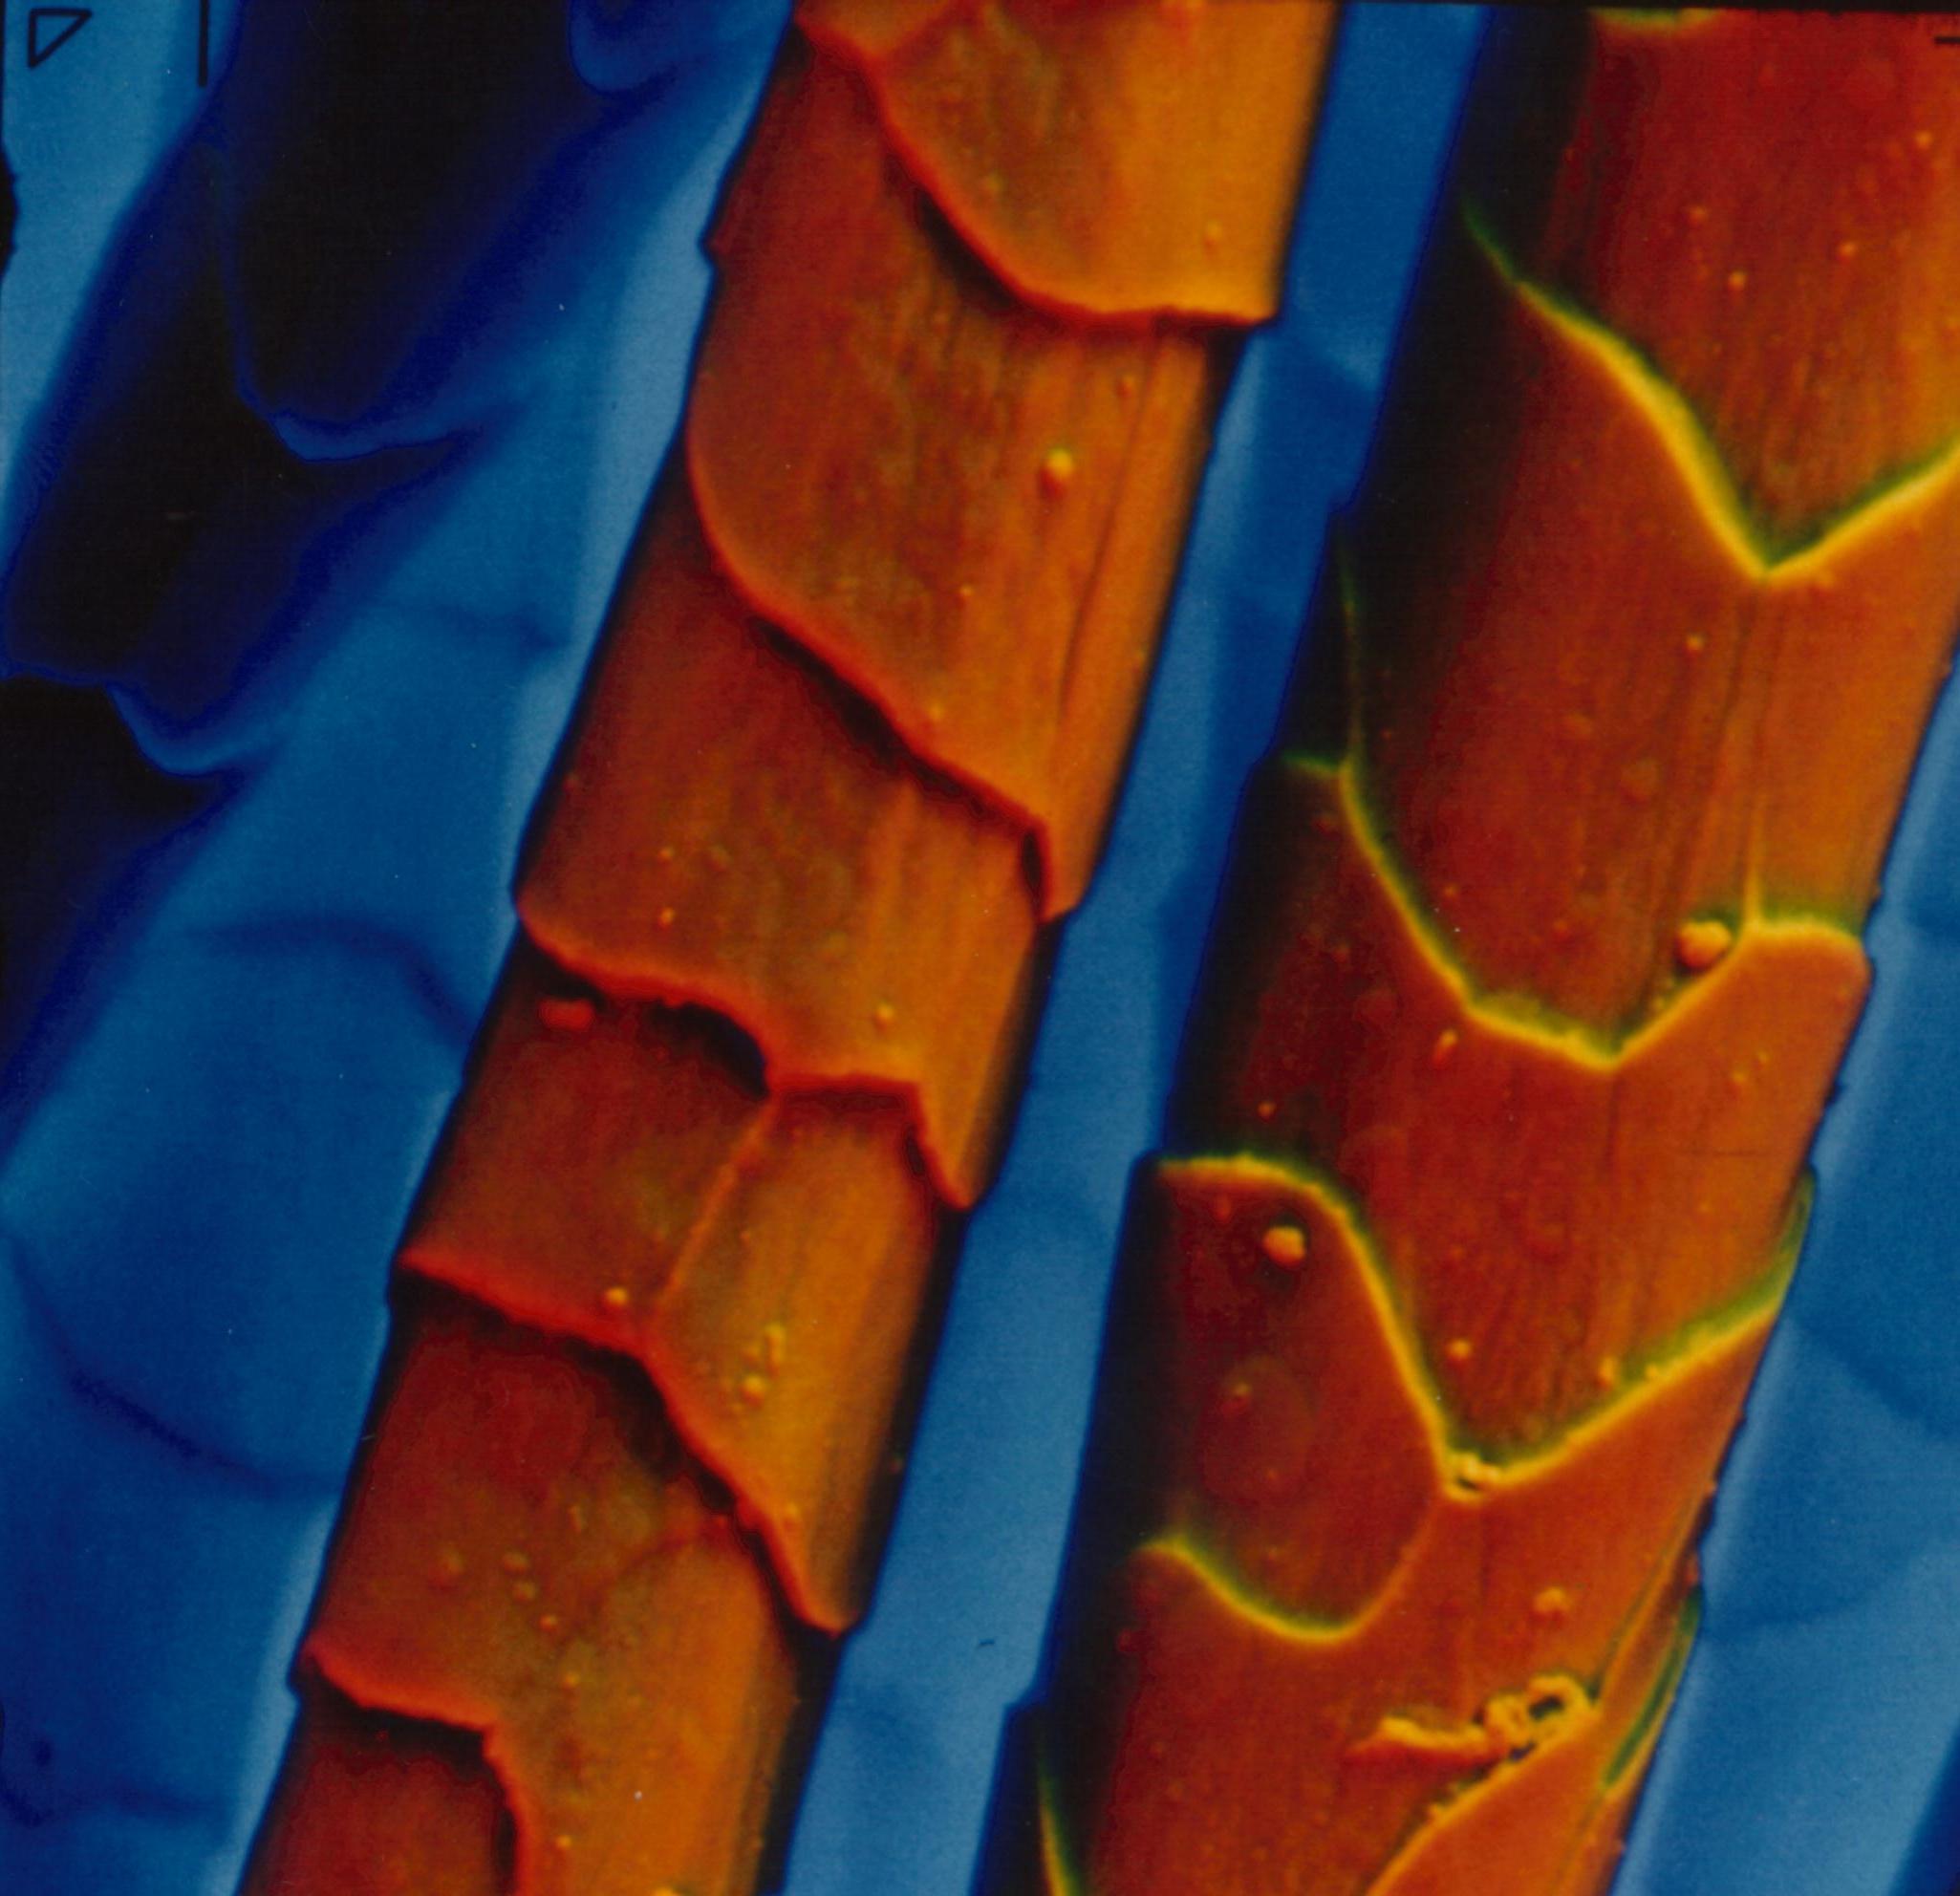 History of Microscopy Essay